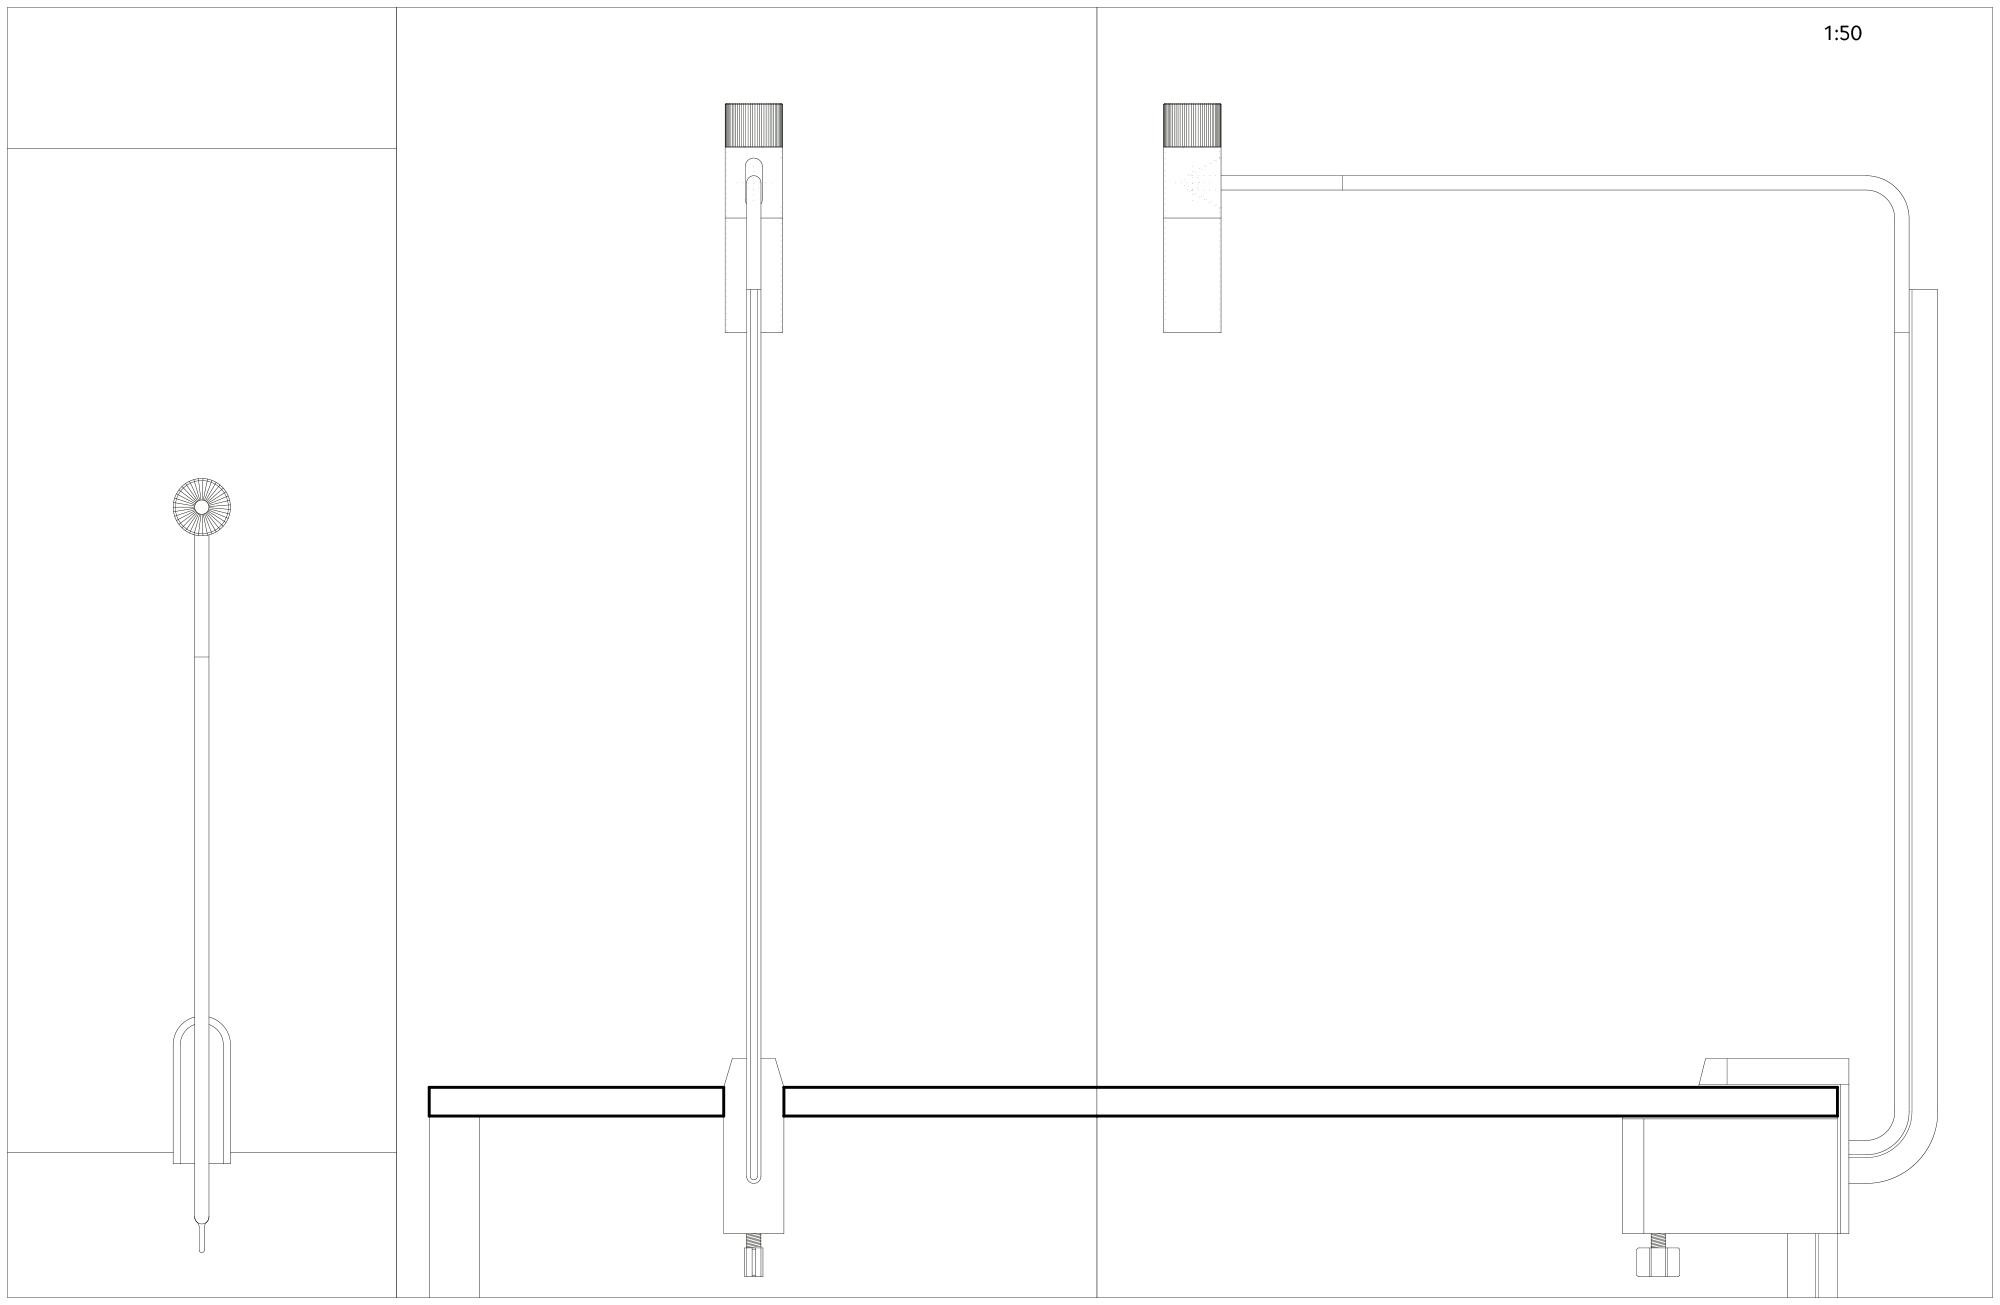 Limelight Modular LED Tasklight